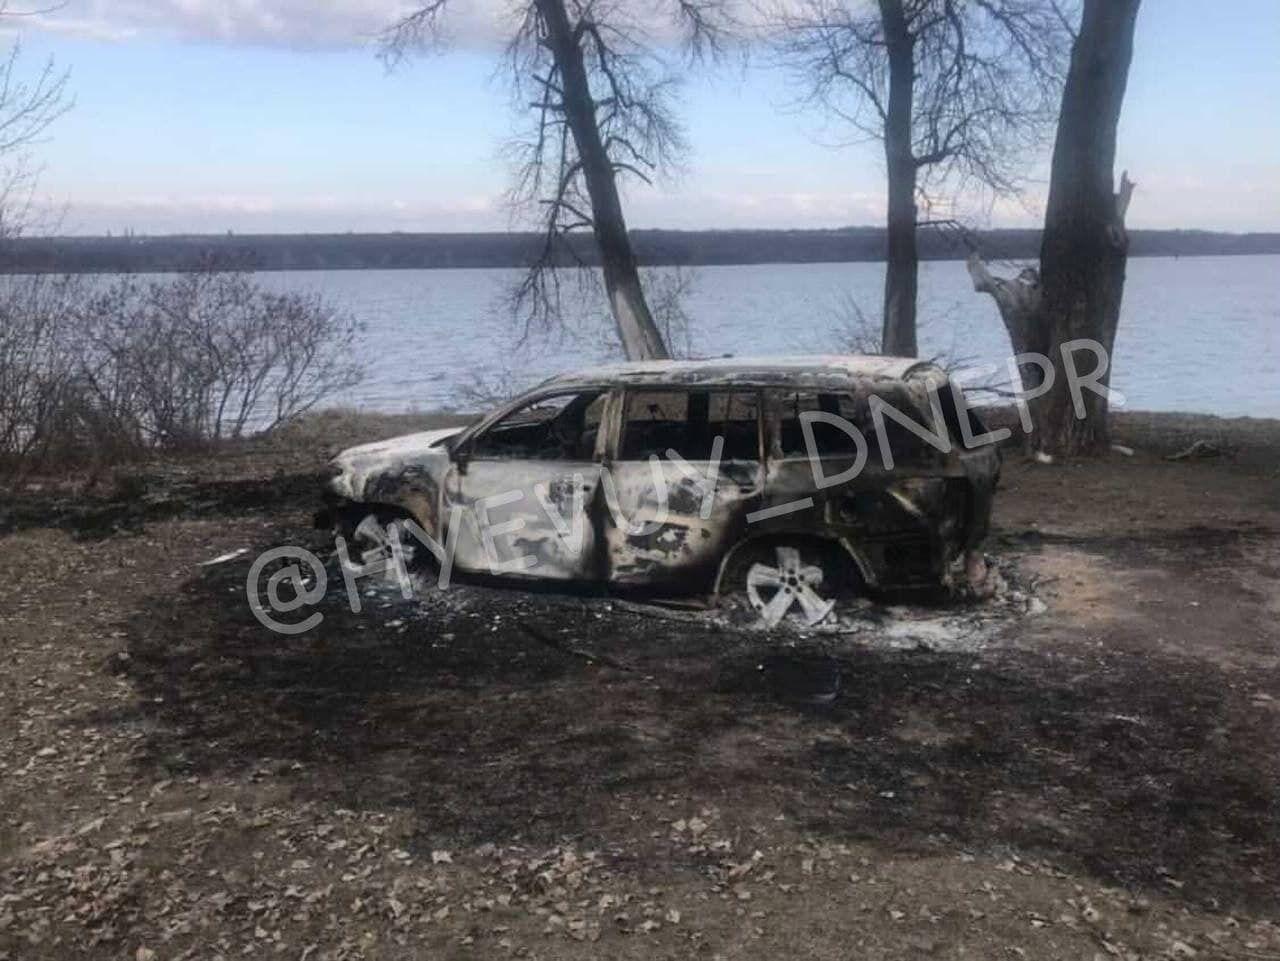 Під Дніпром у згорілому джипі знайшли останки: ЗМІ назвали ім'я можливої жертви